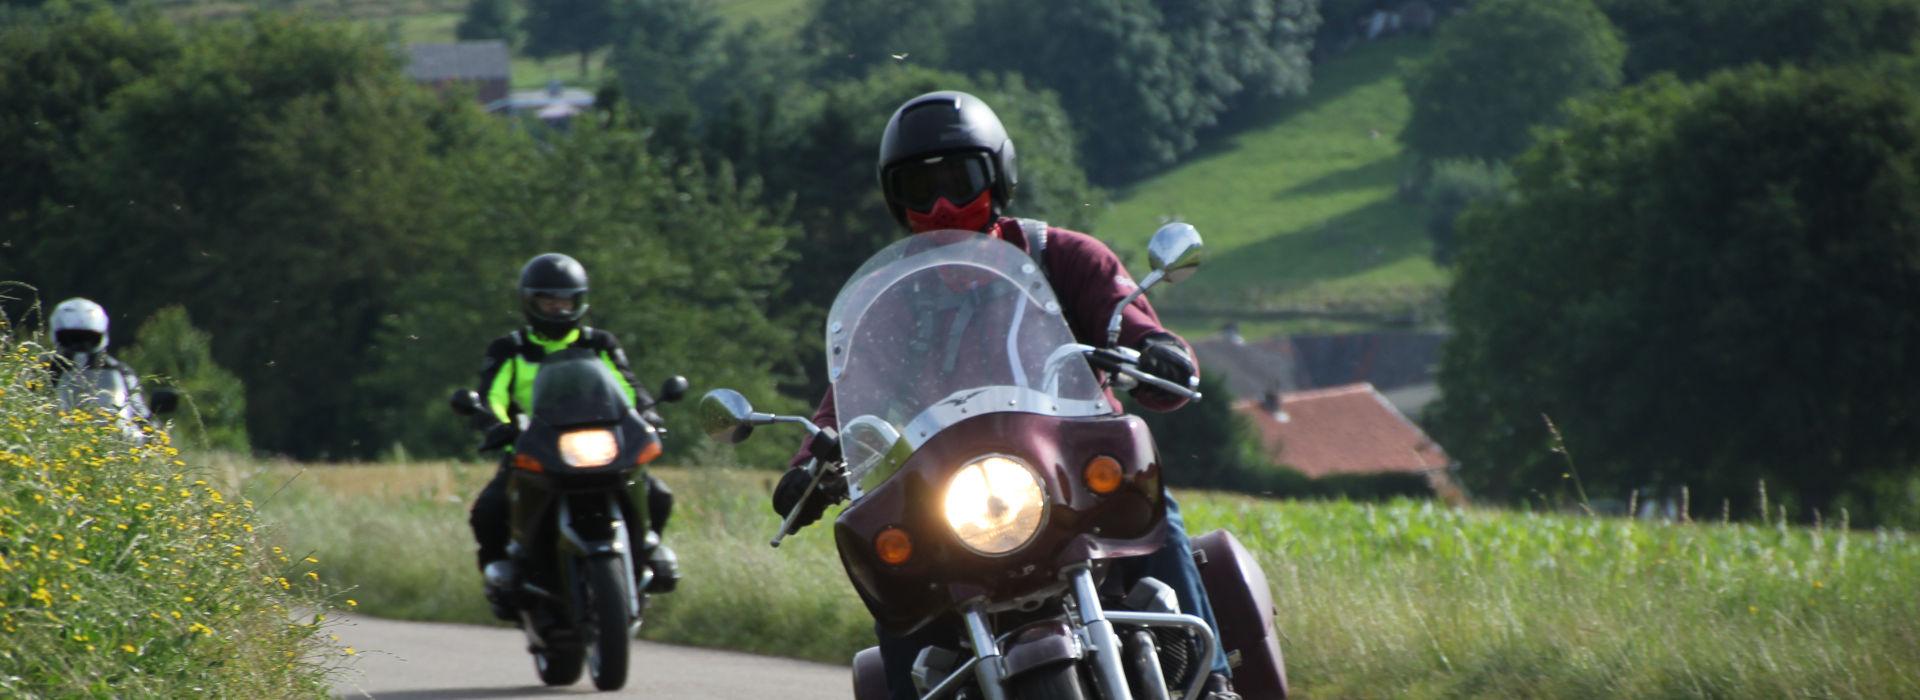 Motorrijbewijspoint Zutphen motorrijcholen